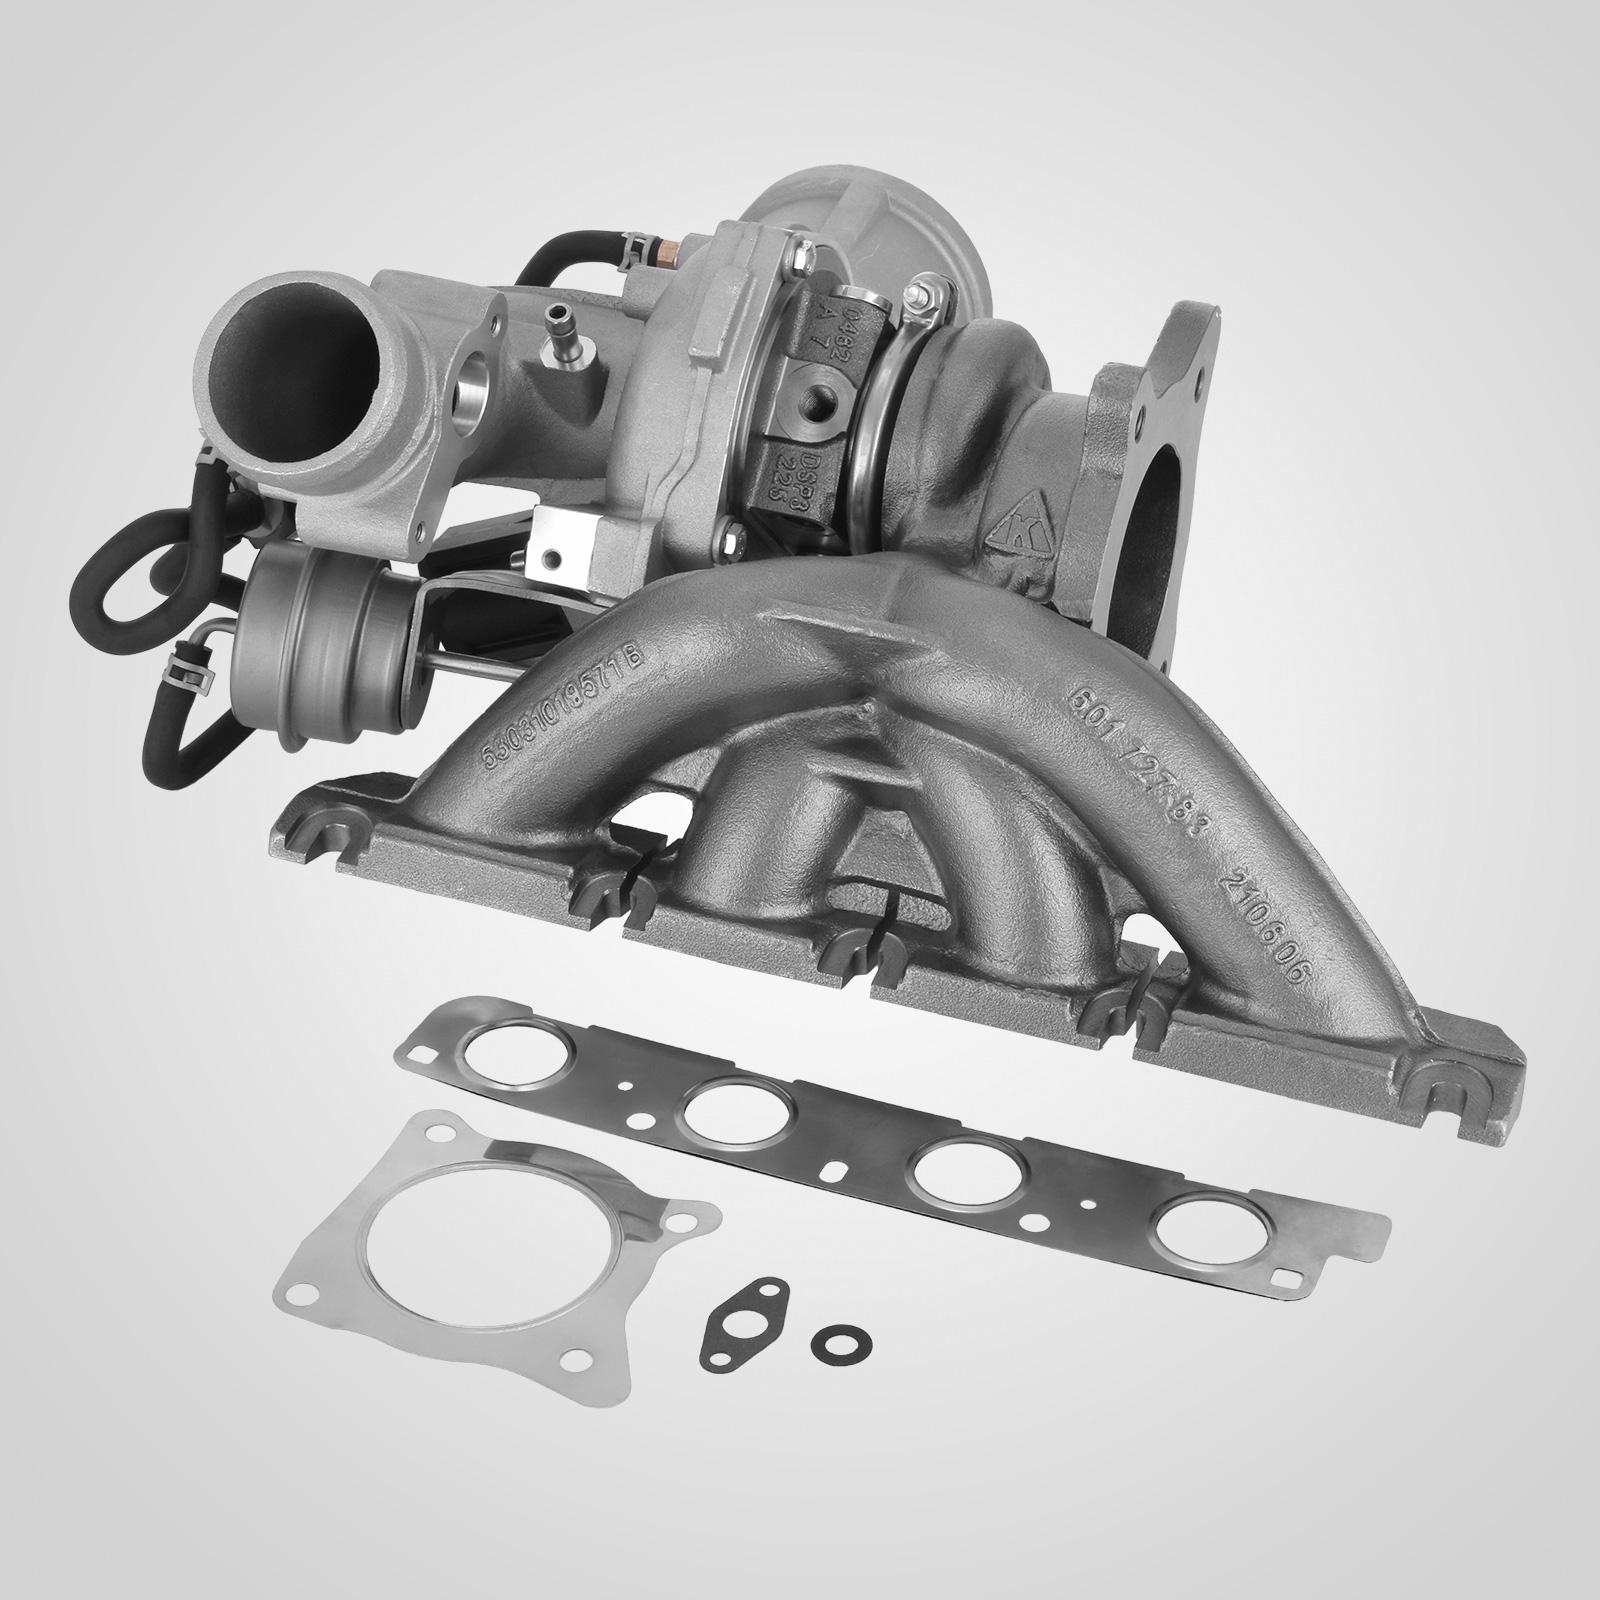 New K03 Turbo Turbocharger For Audi A4 2.0T B7 BUL BWE BWT